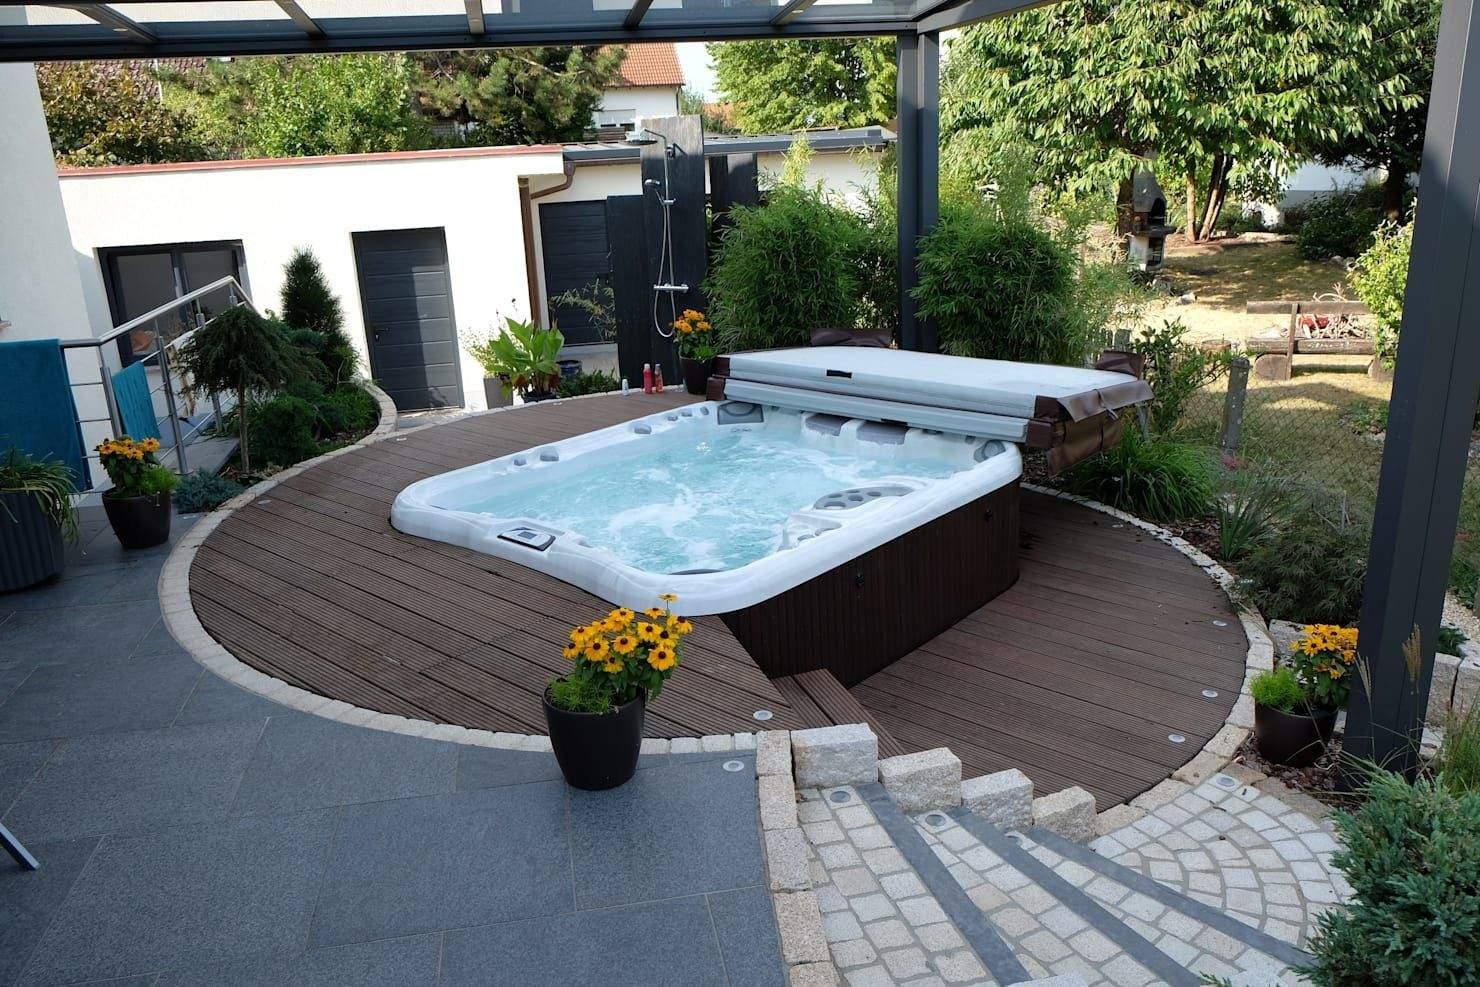 Garten Whirlpool Kaufen Neu 22 Mini Pools Sich Fantastisch In Deinem Garten Machen